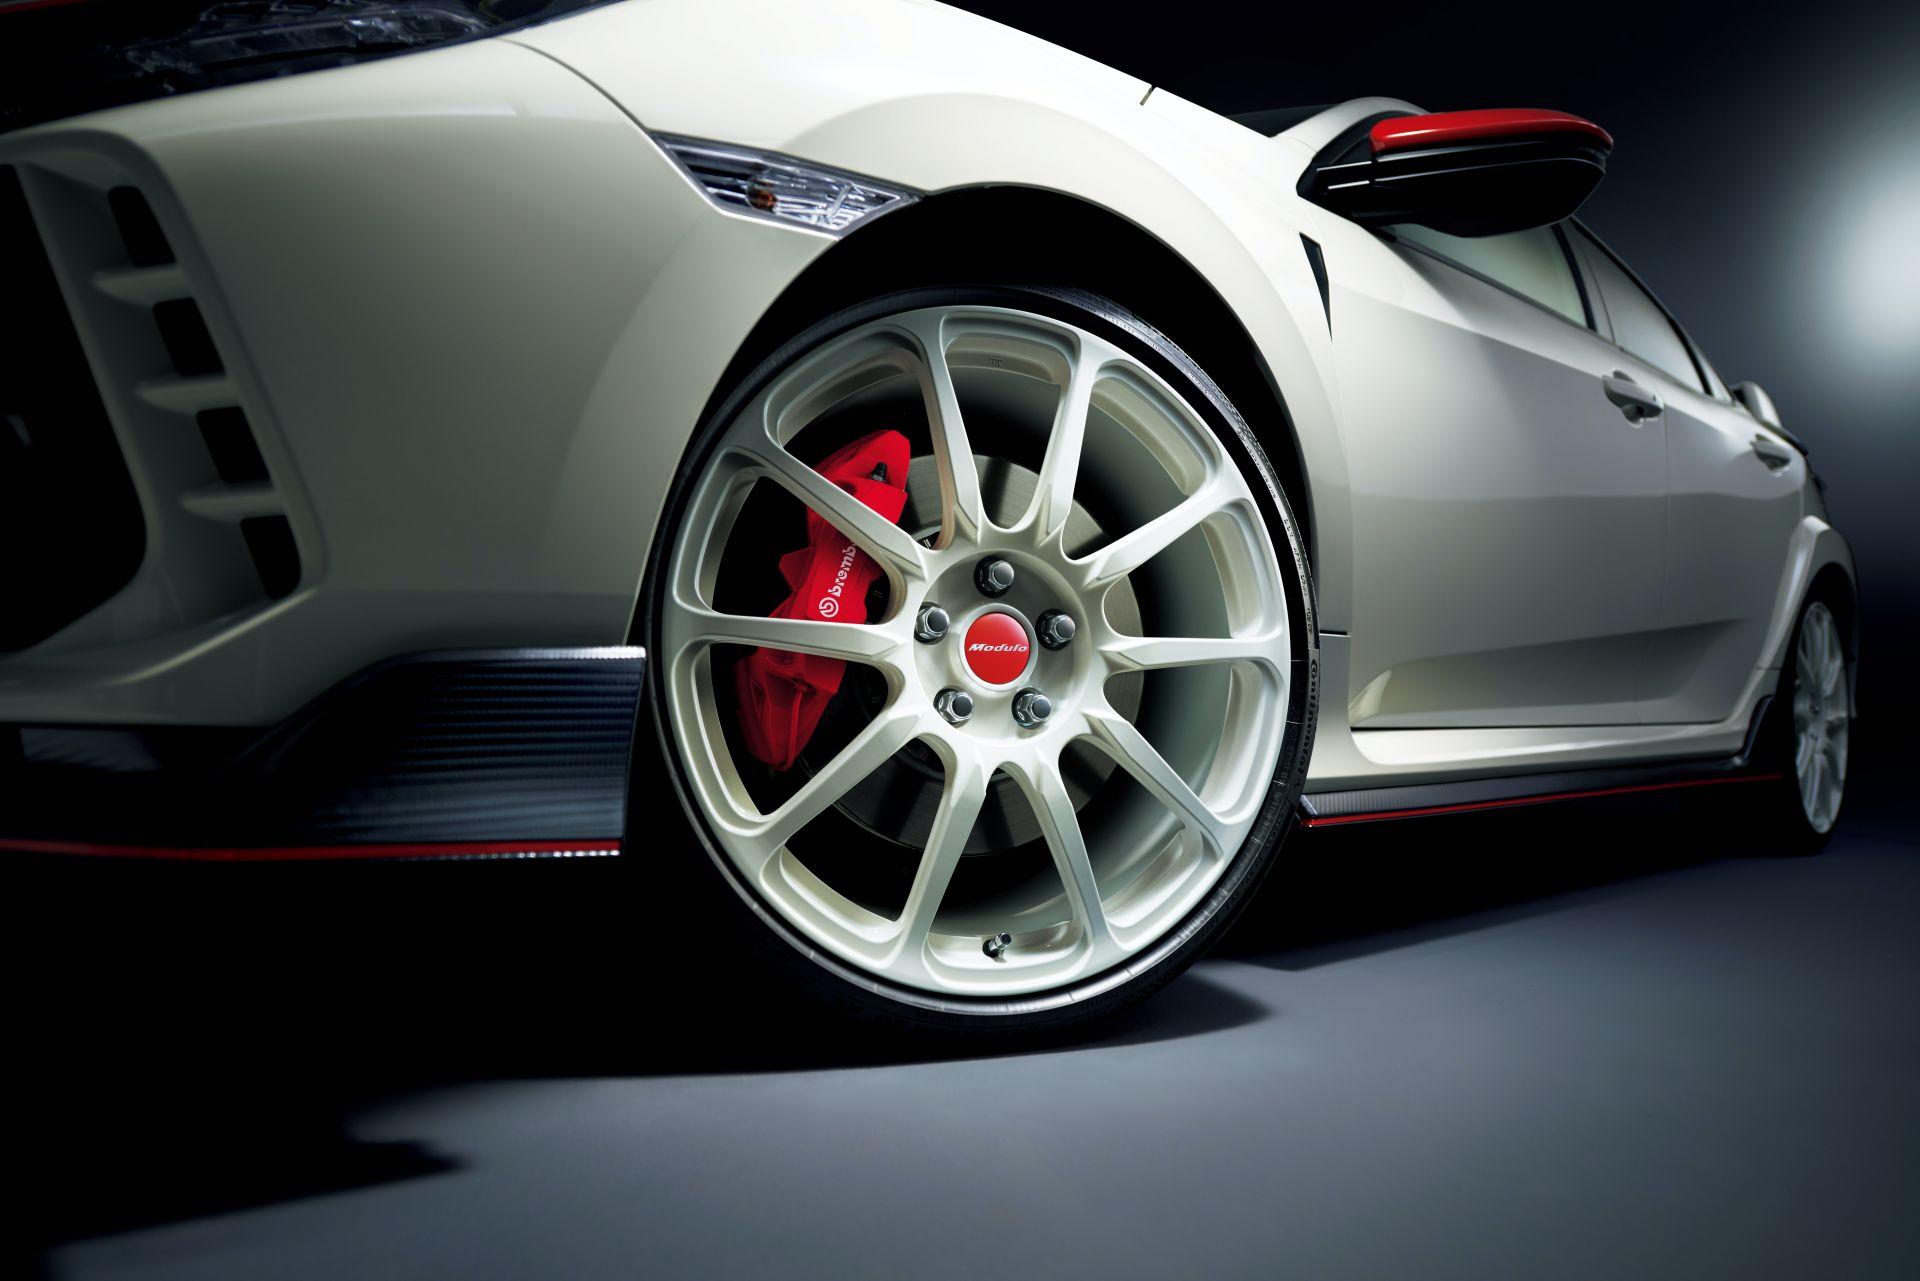 2021_Honda_Civic_Type_R_Modulo_0008